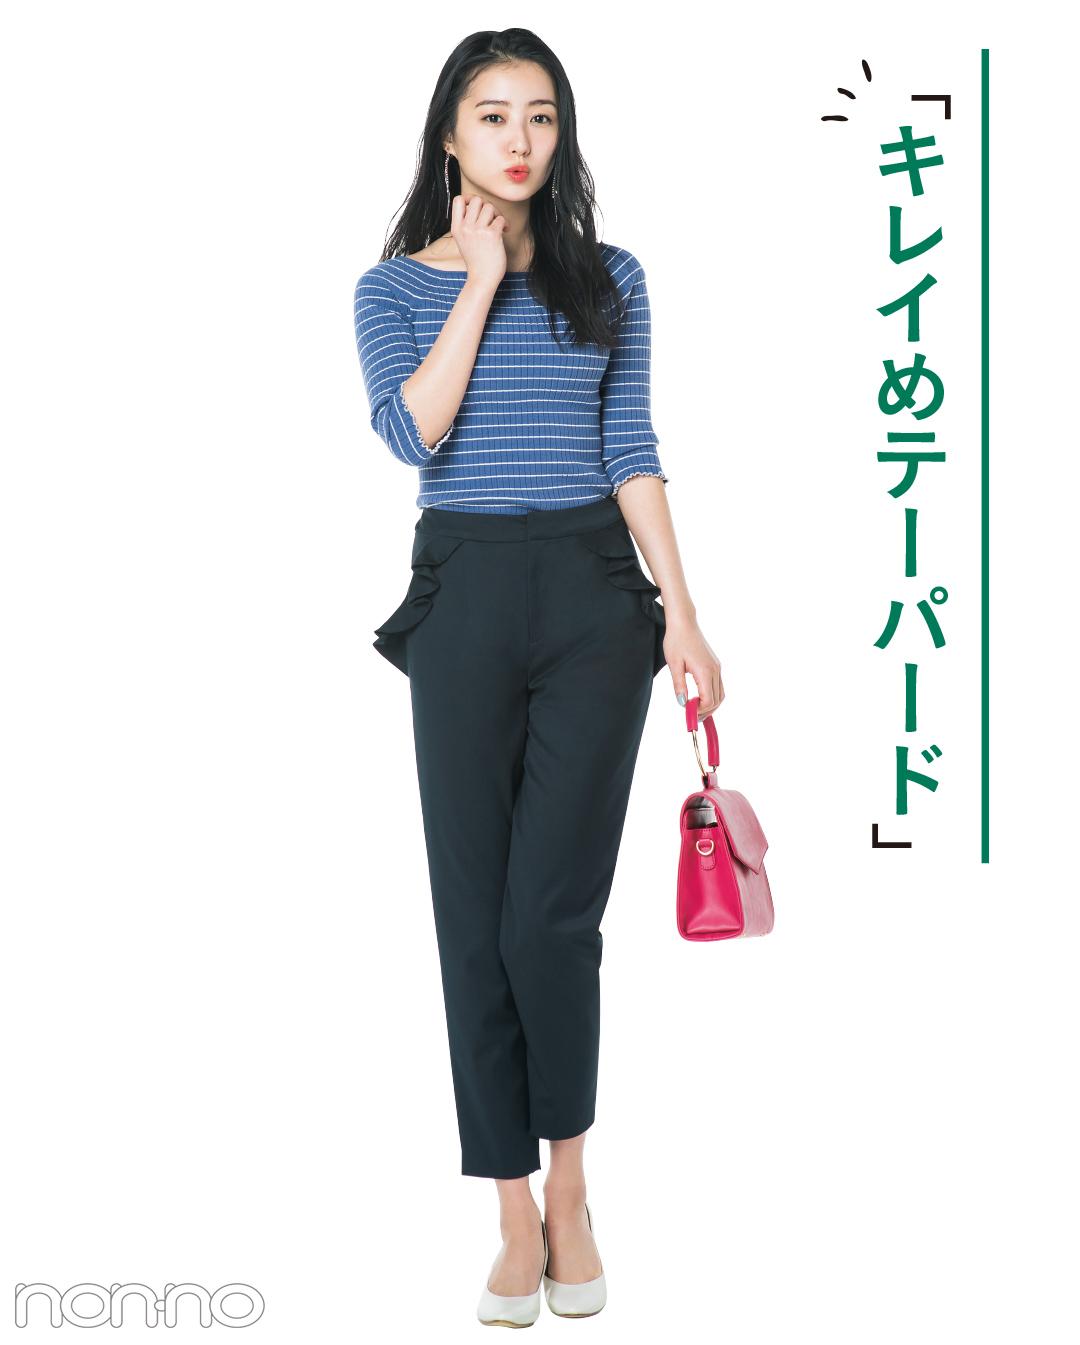 スタイルよく見えてキレイめ♡「テーパードパンツ」で、この春は大人っぽデビュー!_1_1